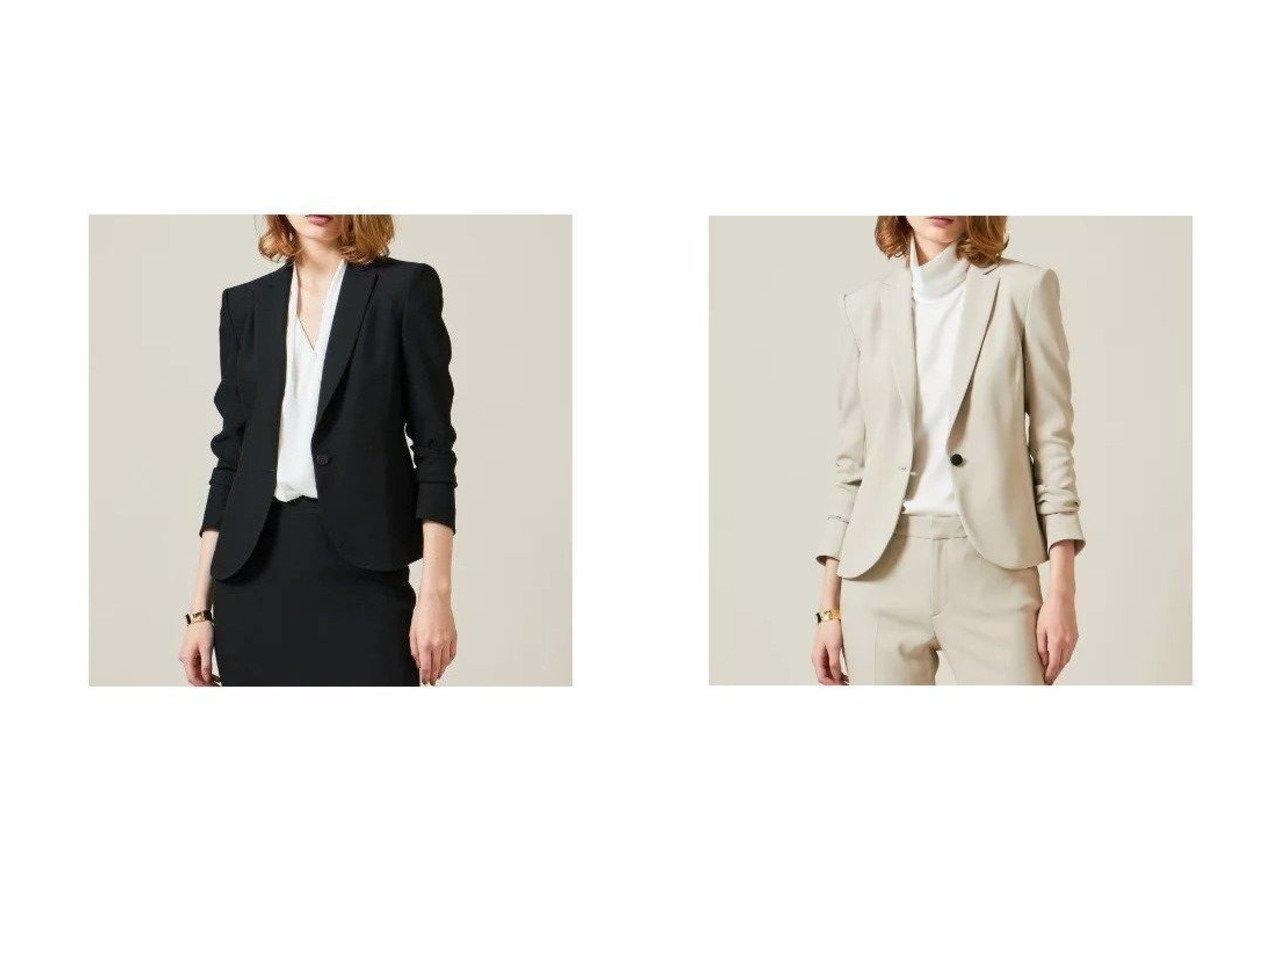 【BEIGE,/ベイジ,】のテーラードジャケット アウターのおすすめ!人気、トレンド・レディースファッションの通販  おすすめで人気の流行・トレンド、ファッションの通販商品 メンズファッション・キッズファッション・インテリア・家具・レディースファッション・服の通販 founy(ファニー) https://founy.com/ ファッション Fashion レディースファッション WOMEN アウター Coat Outerwear ジャケット Jackets テーラードジャケット Tailored Jackets エレガント コンパクト シェイプ ジャケット スタイリッシュ ストレッチ スマート セットアップ ツイル テーラード 定番 ラウンド |ID:crp329100000010062